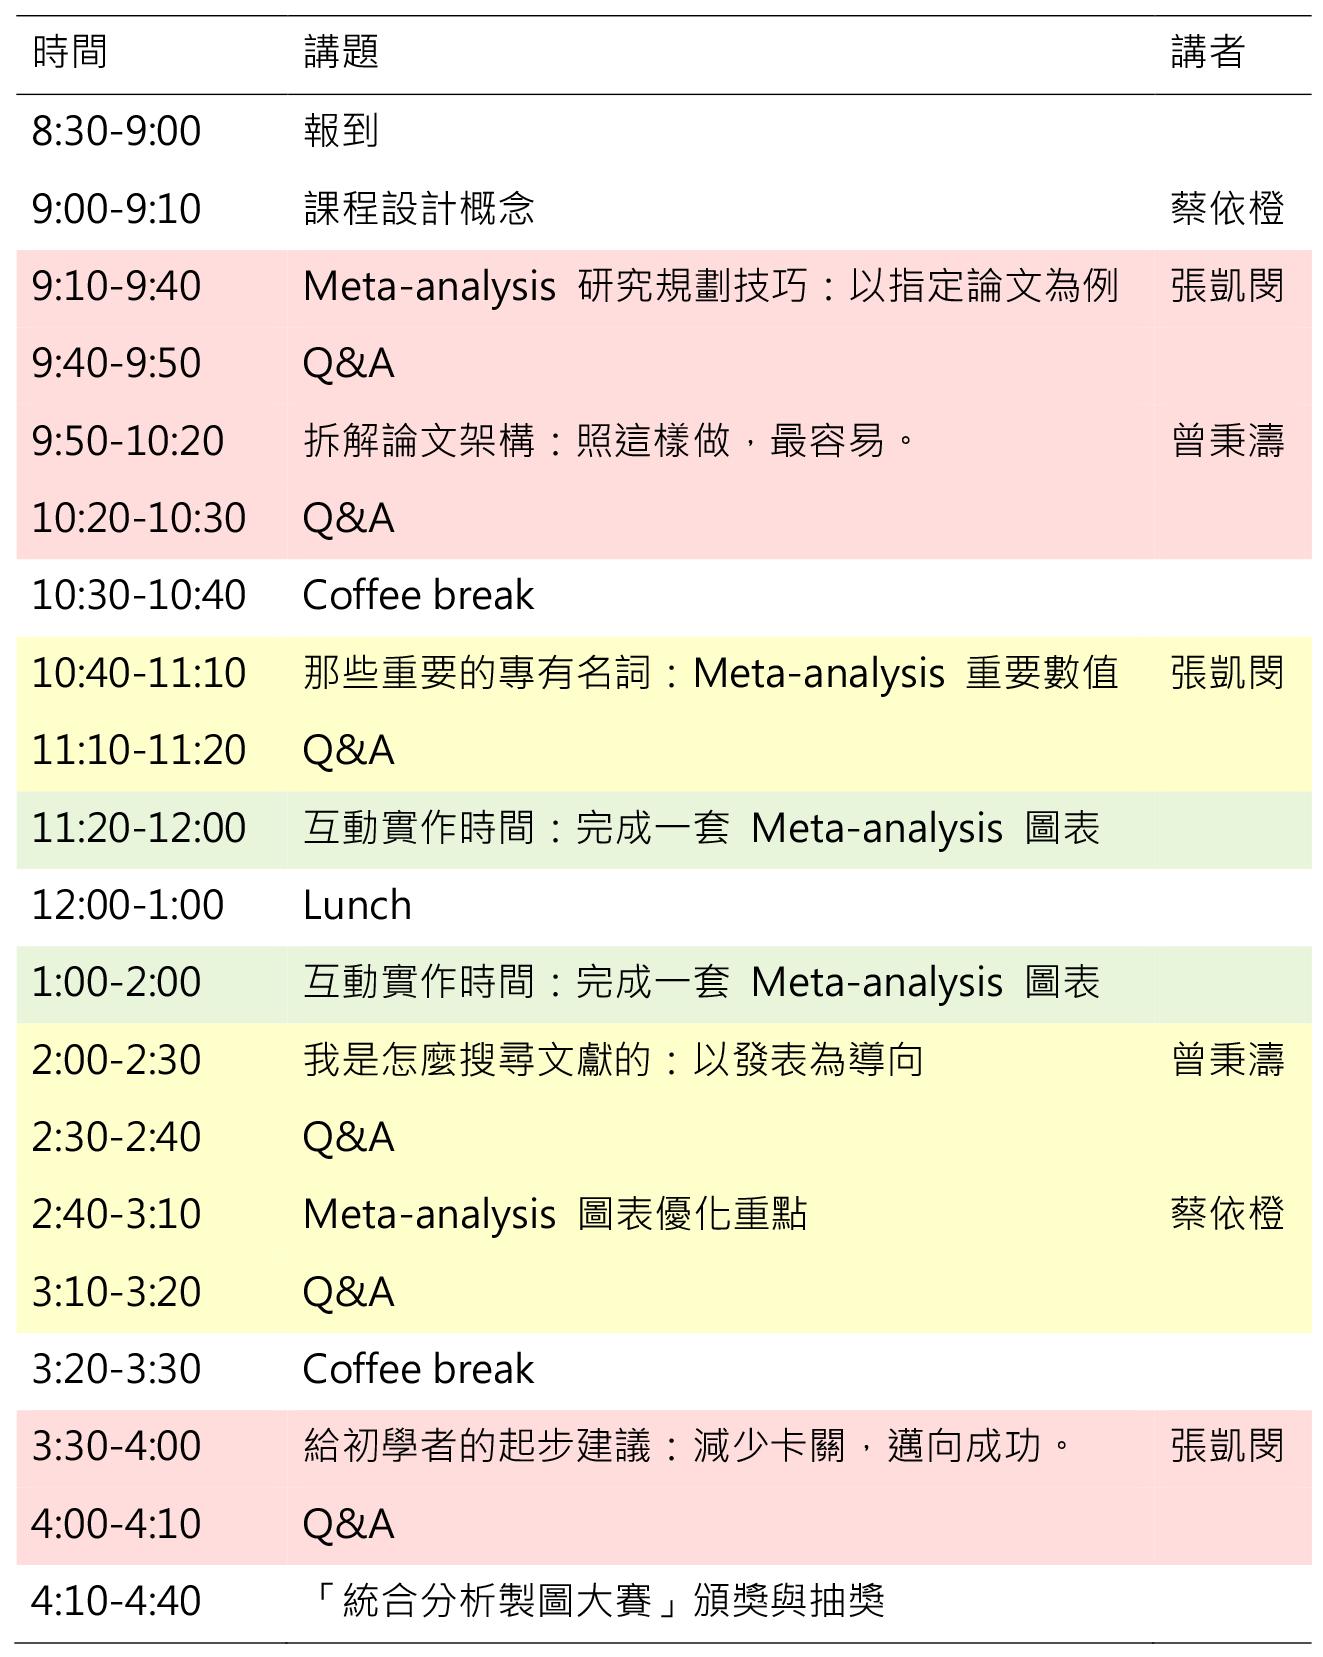 Schedule200dpi_2021